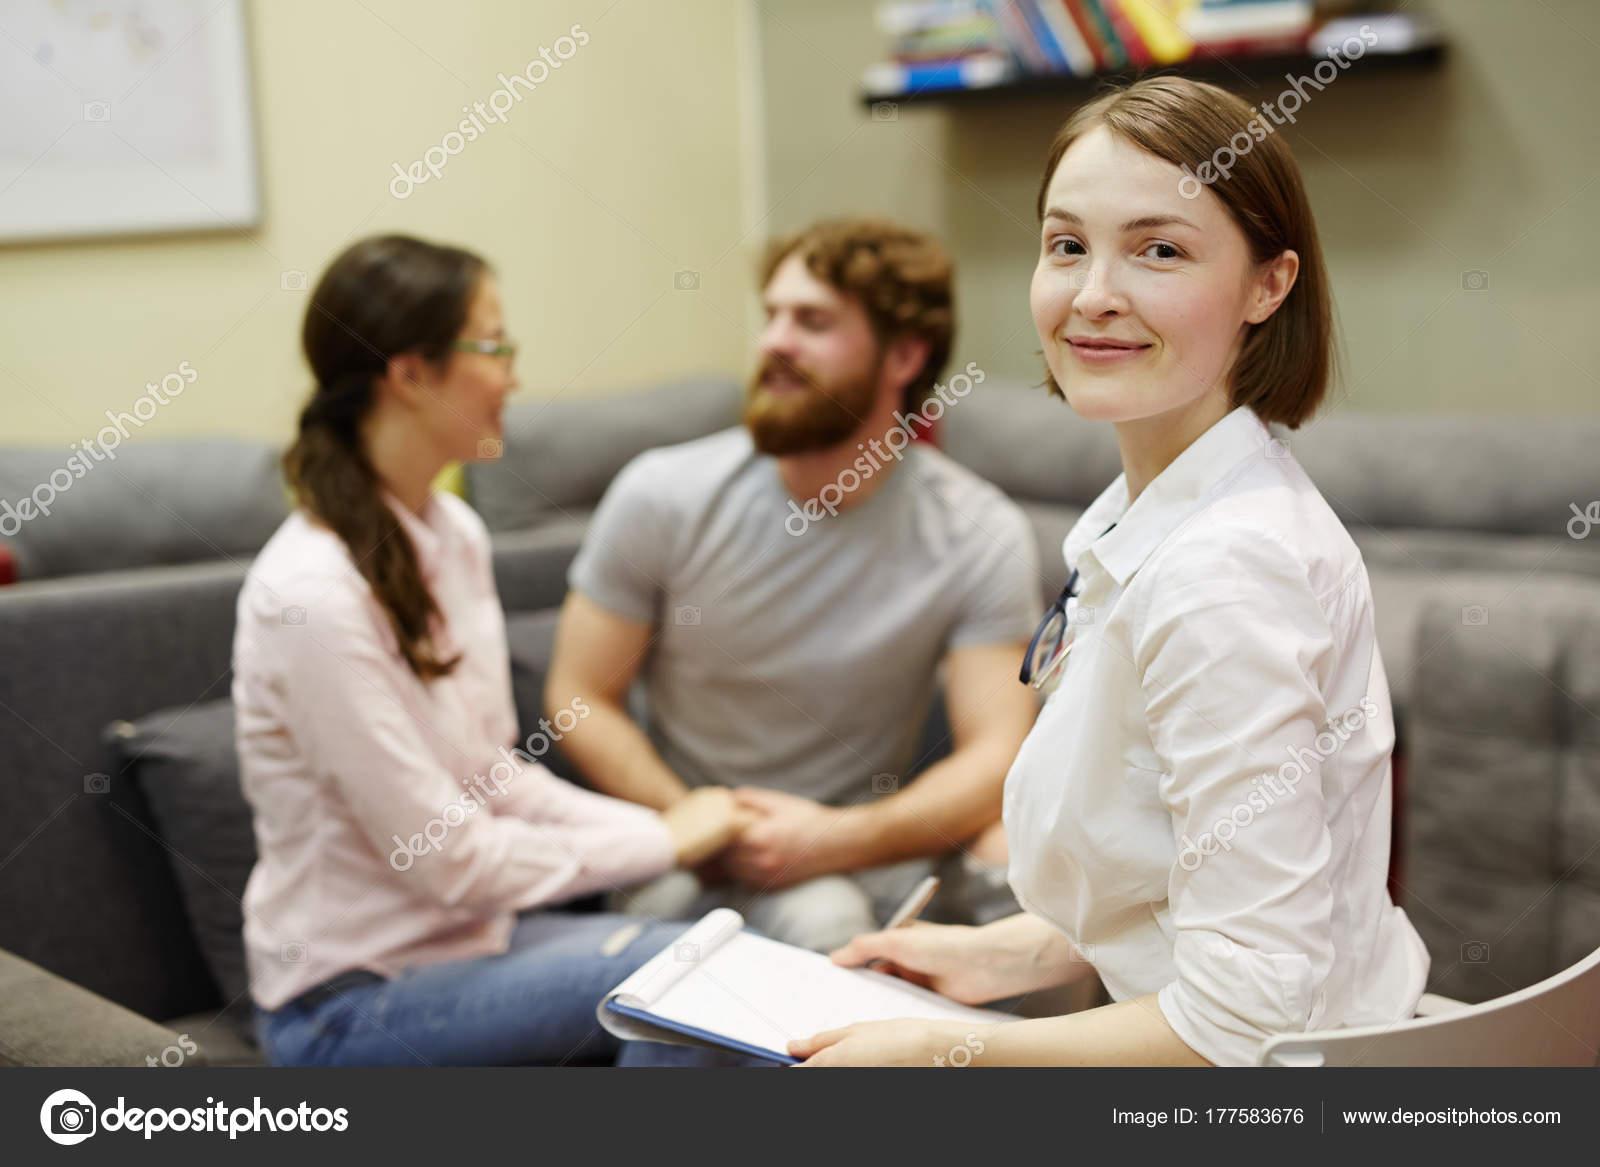 Ashton Kutcher Dating Lea Michele